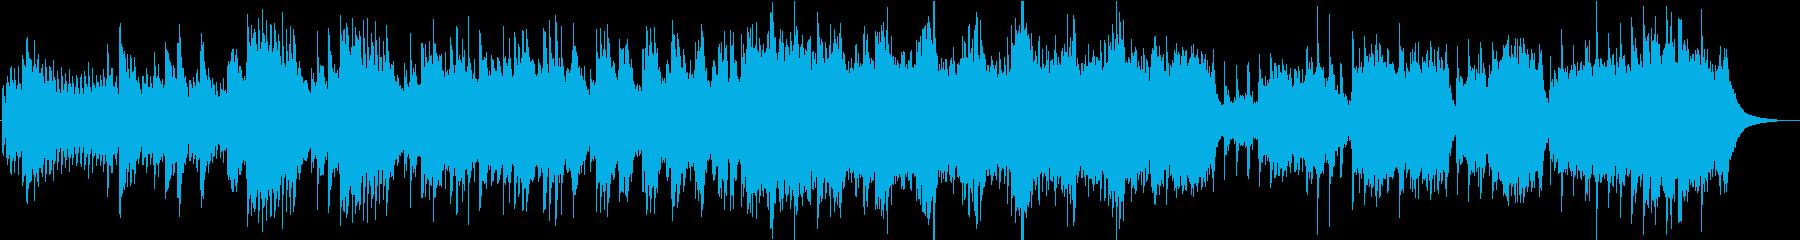 アラベスク第1番 オルゴールオーケストラの再生済みの波形